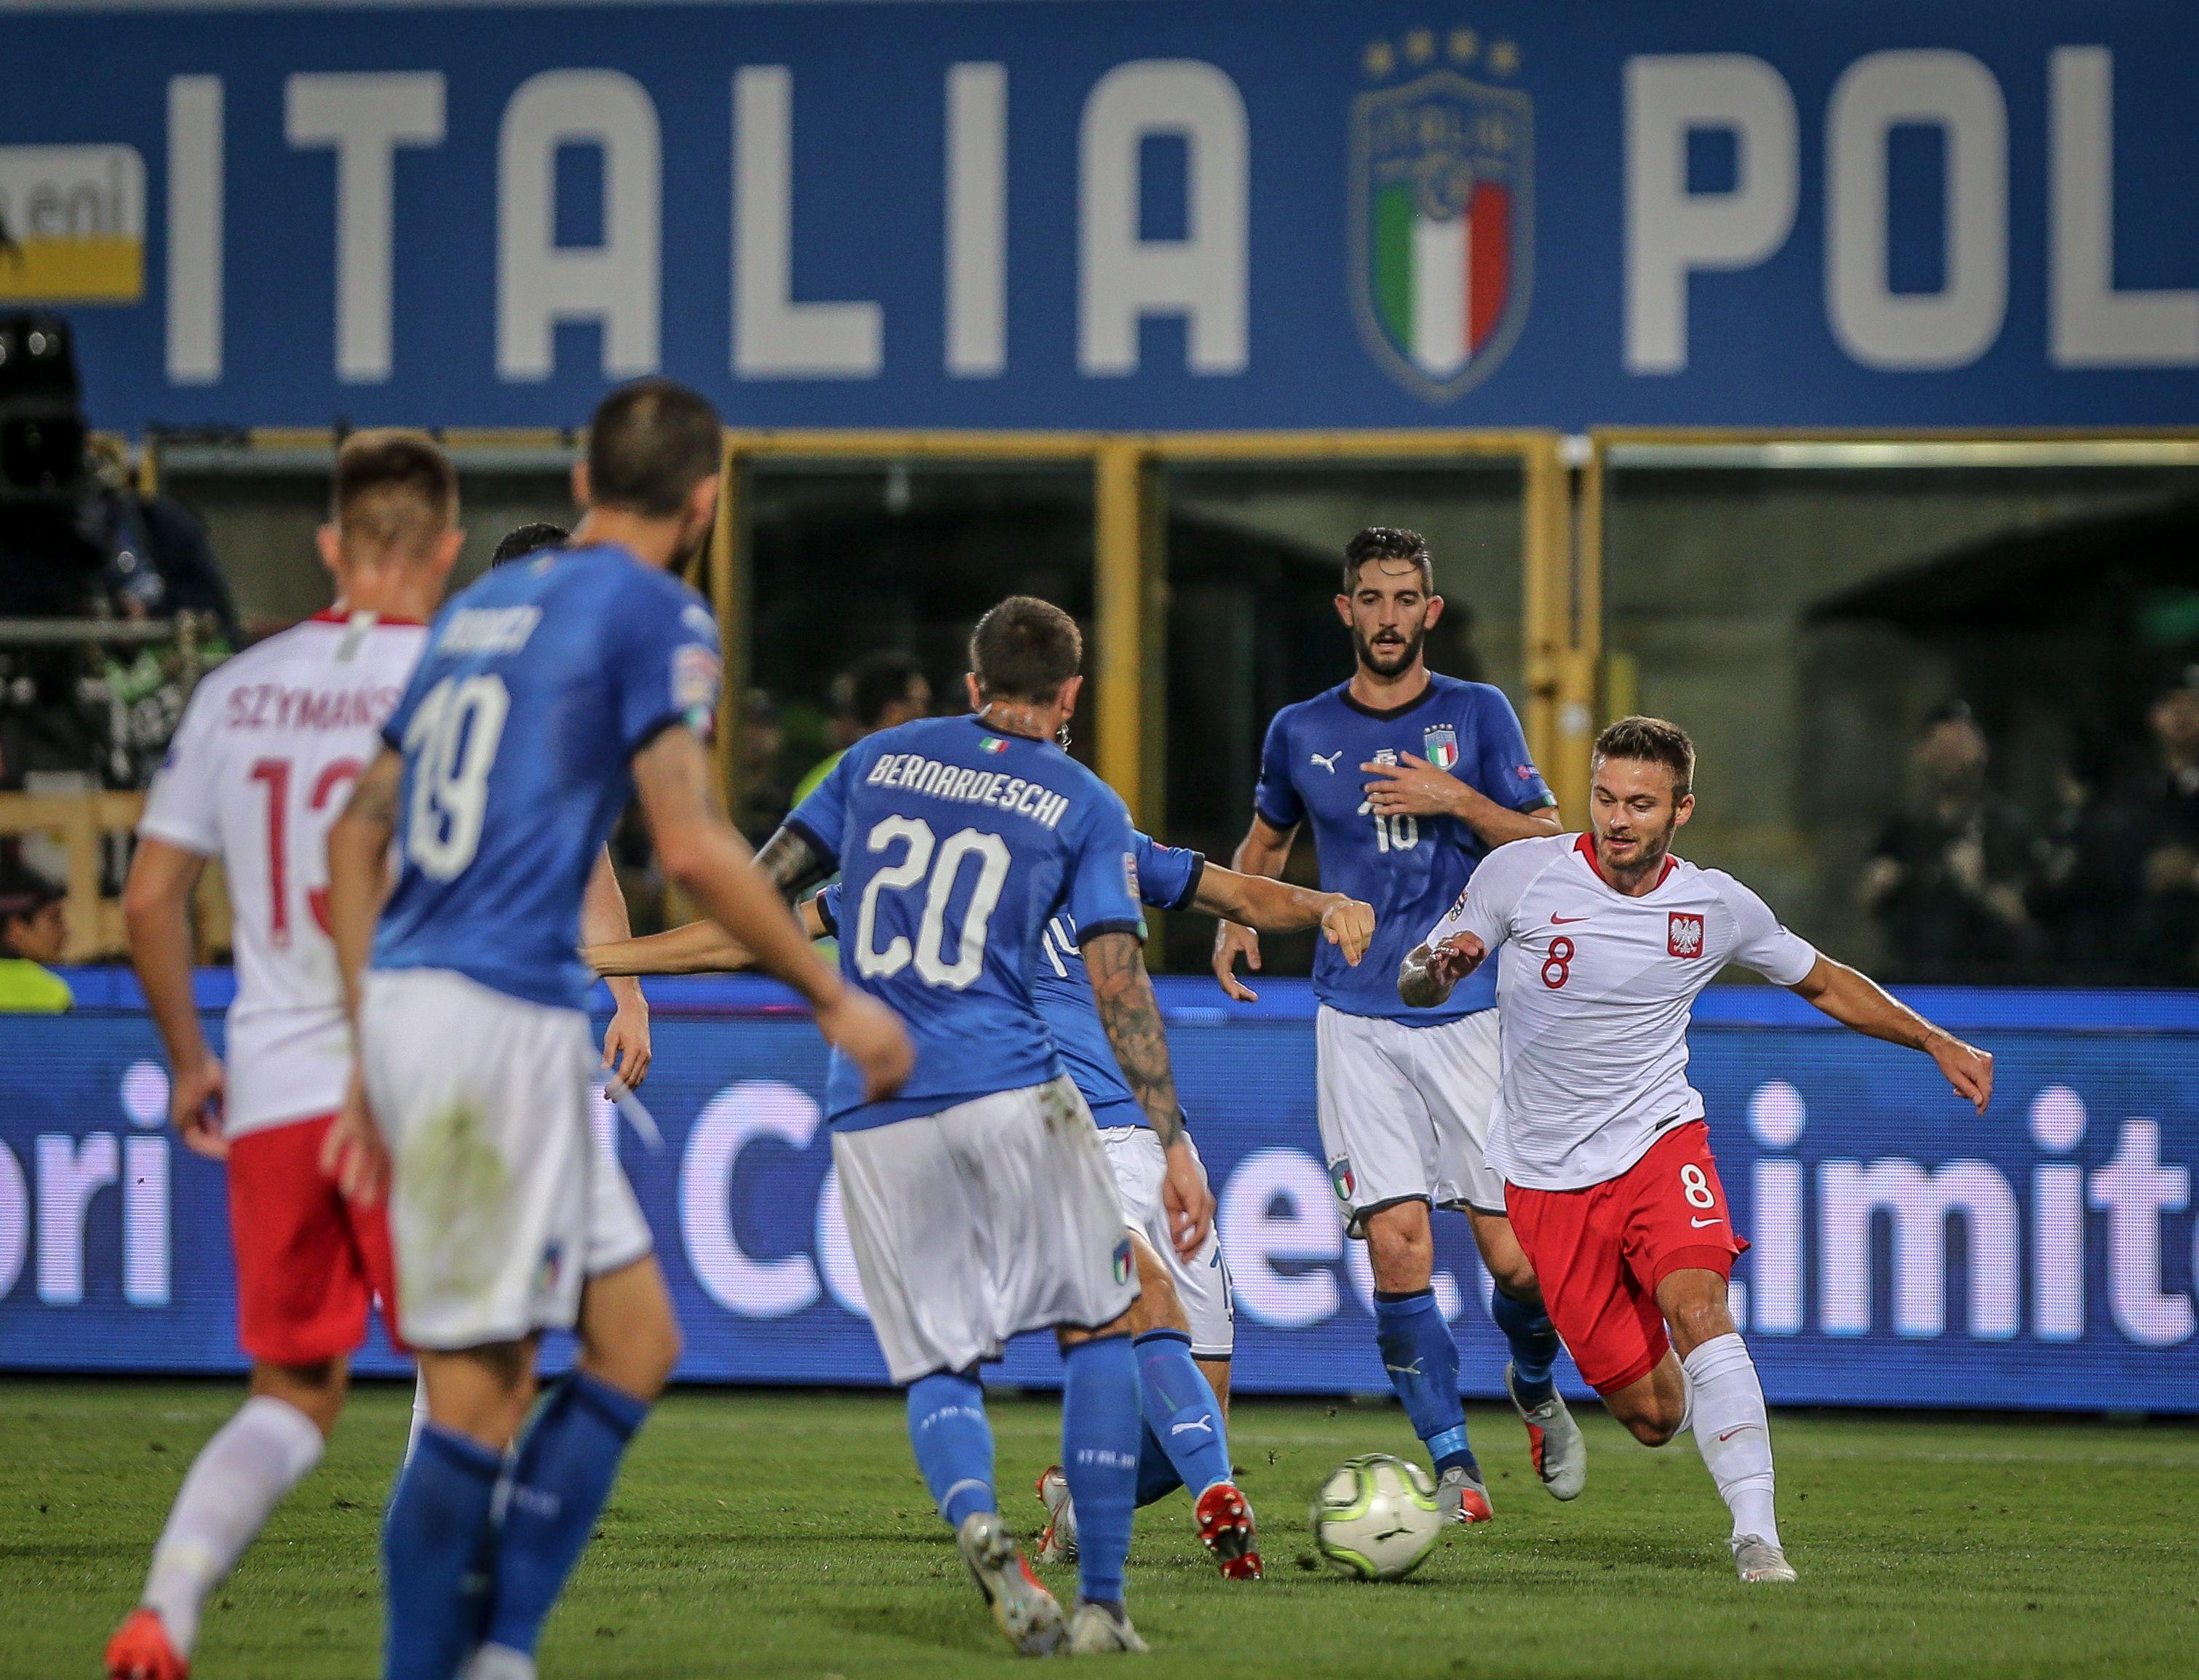 Włochy – Polska 1:1. Mogło być nawet lepiej, ale jeden kosztowny błąd